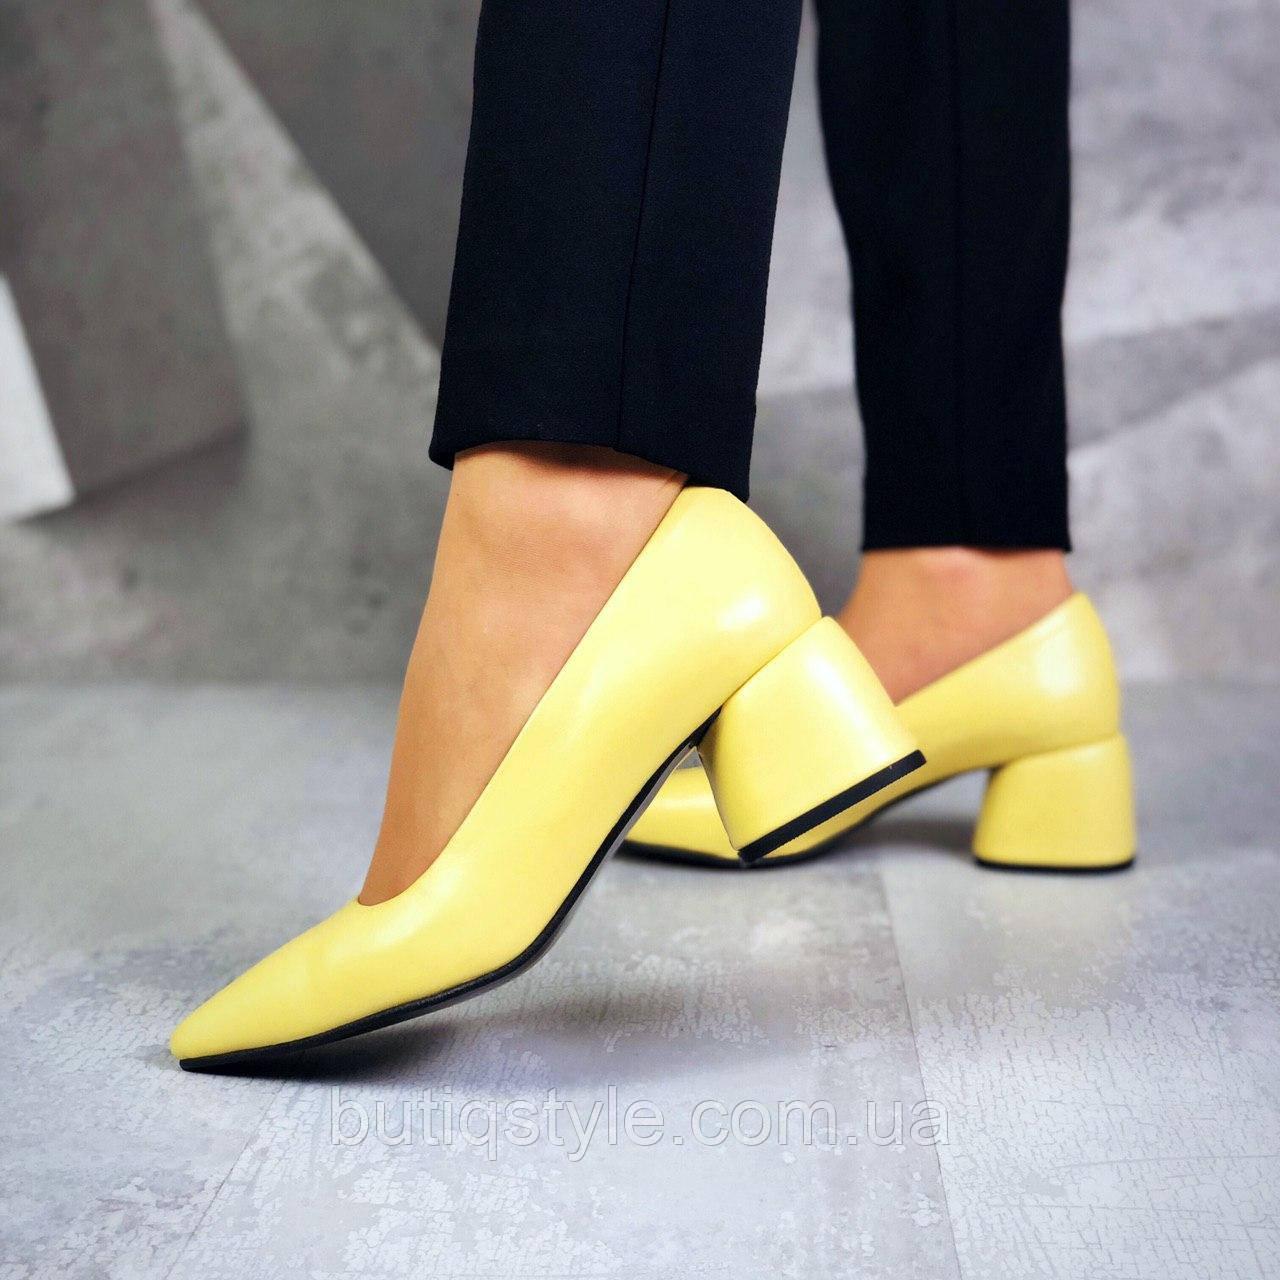 Женские желтые туфли натуральная кожа на среднем каблуке